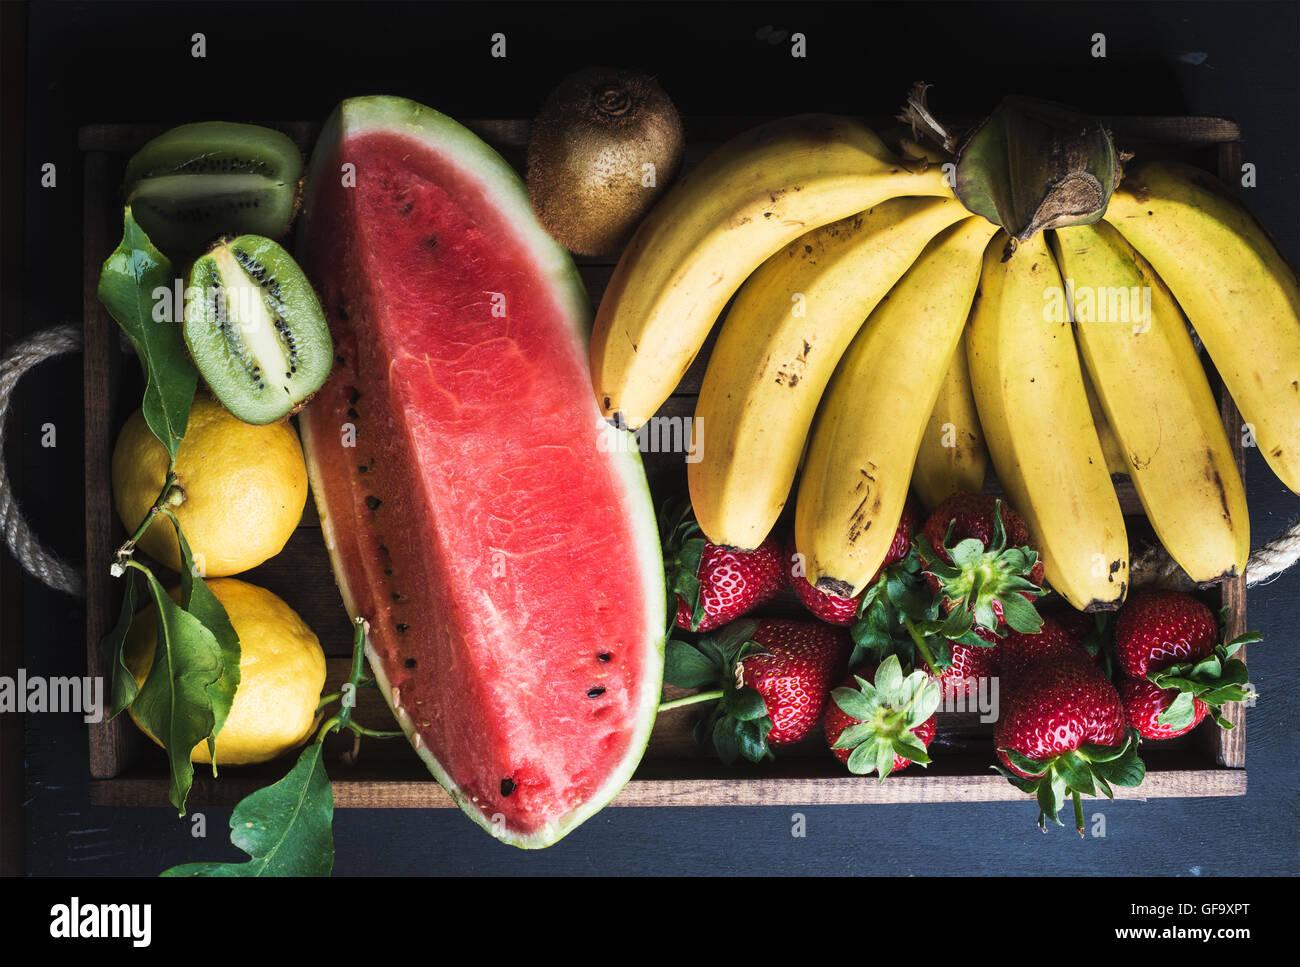 Verschiedene bunte tropische Früchte Auswahl in Holztablett auf dunklem Hintergrund Stockbild